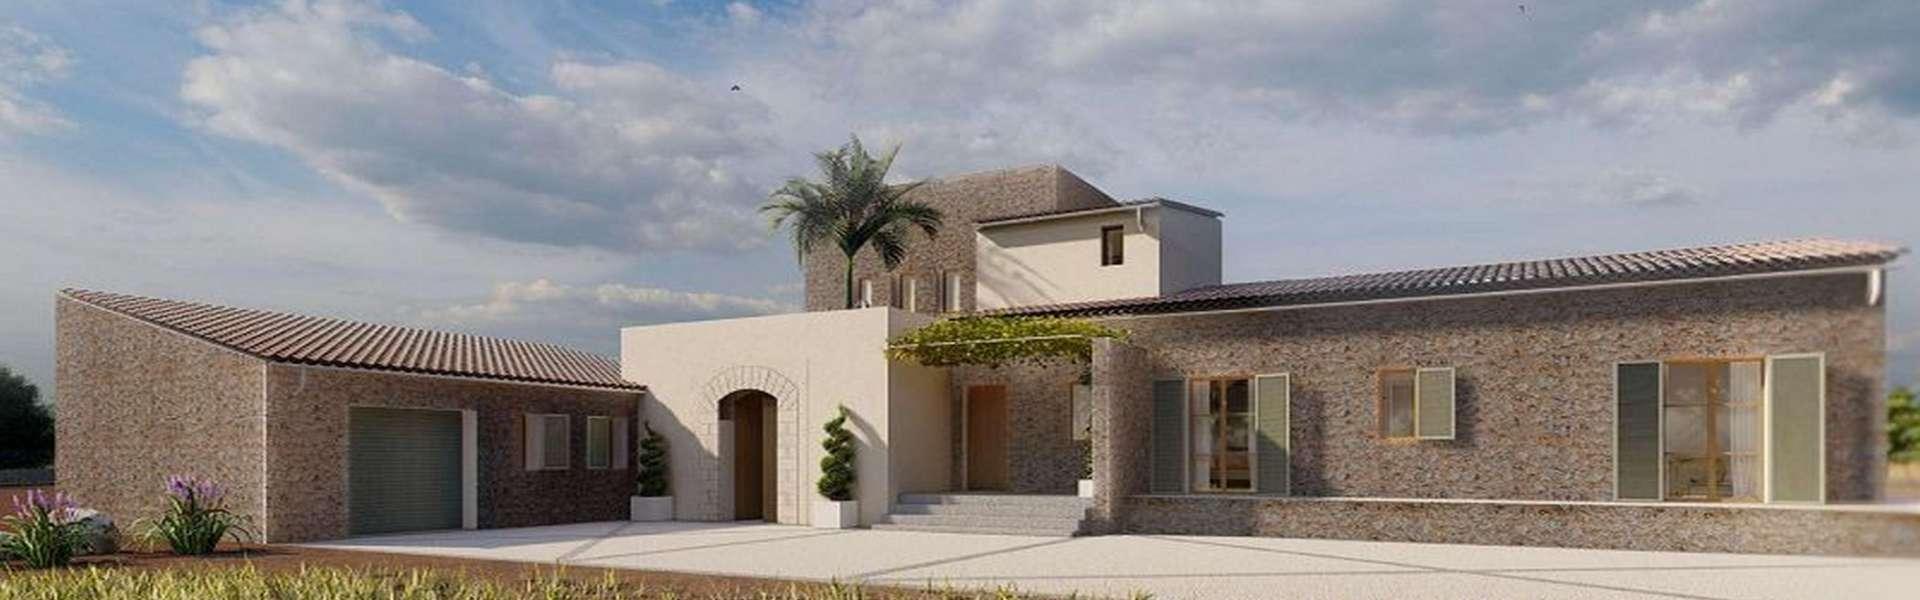 Nuevo proyecto de construcción cerca de Ses Salines